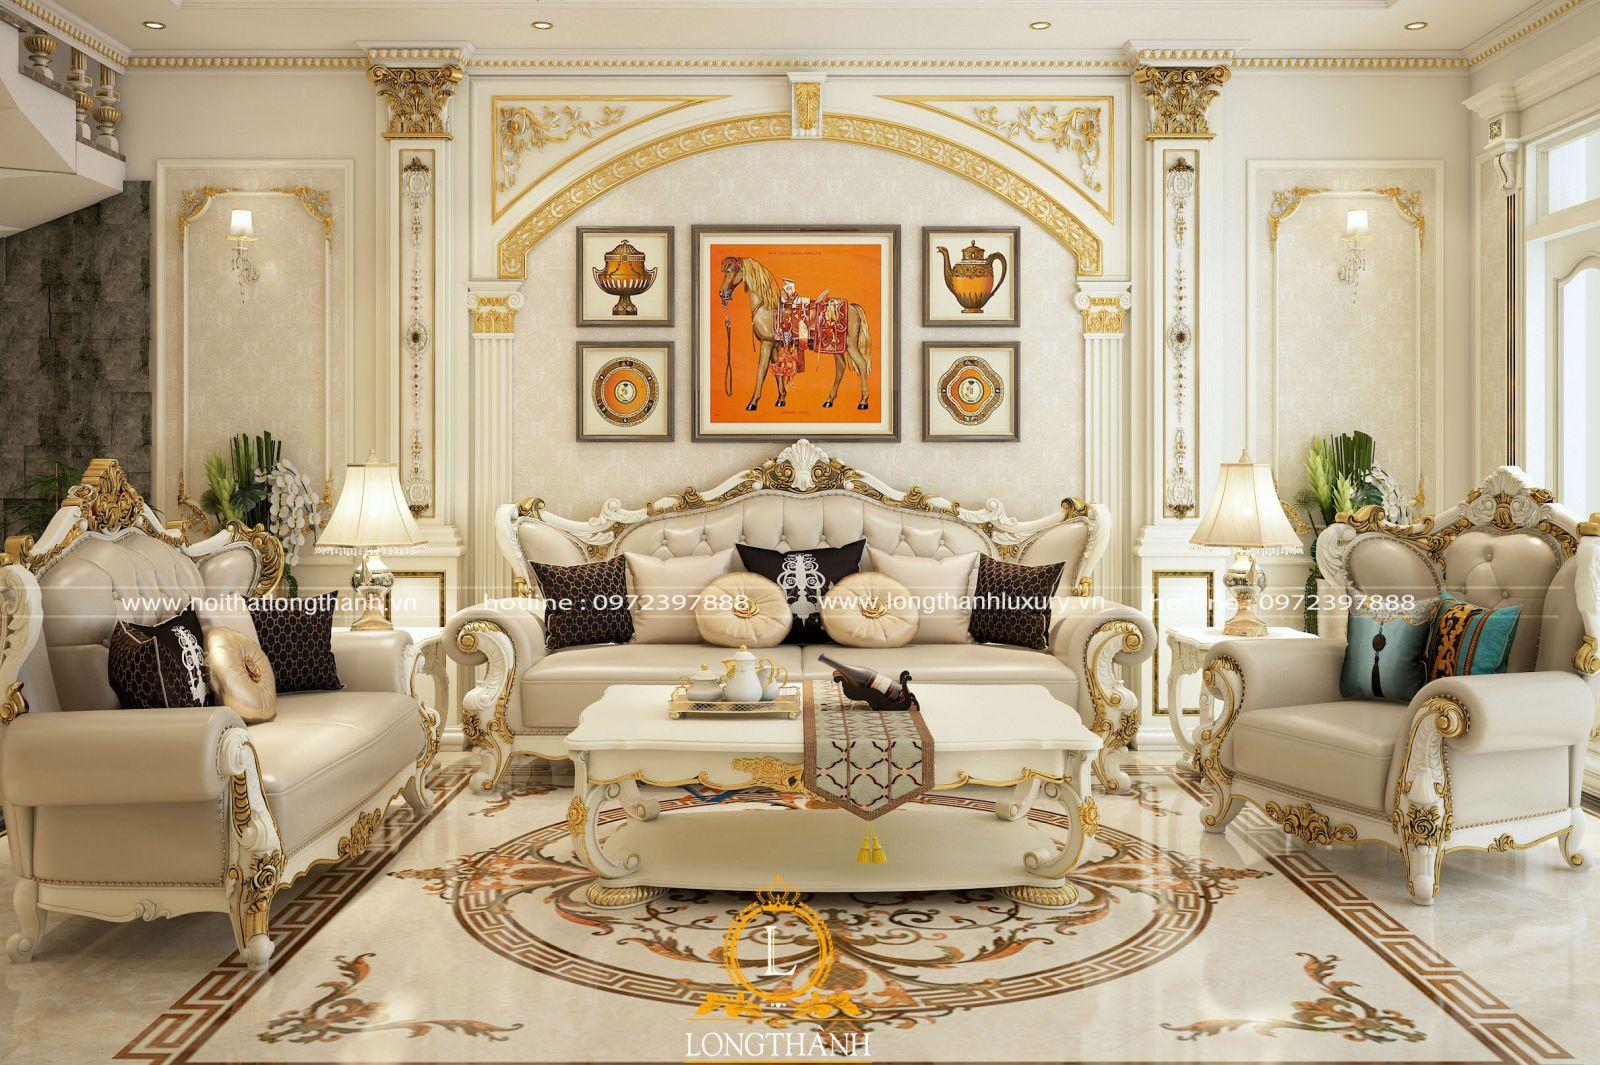 Nội thất phòng khách biệt thự sơn trắng dát vàng cao cấp